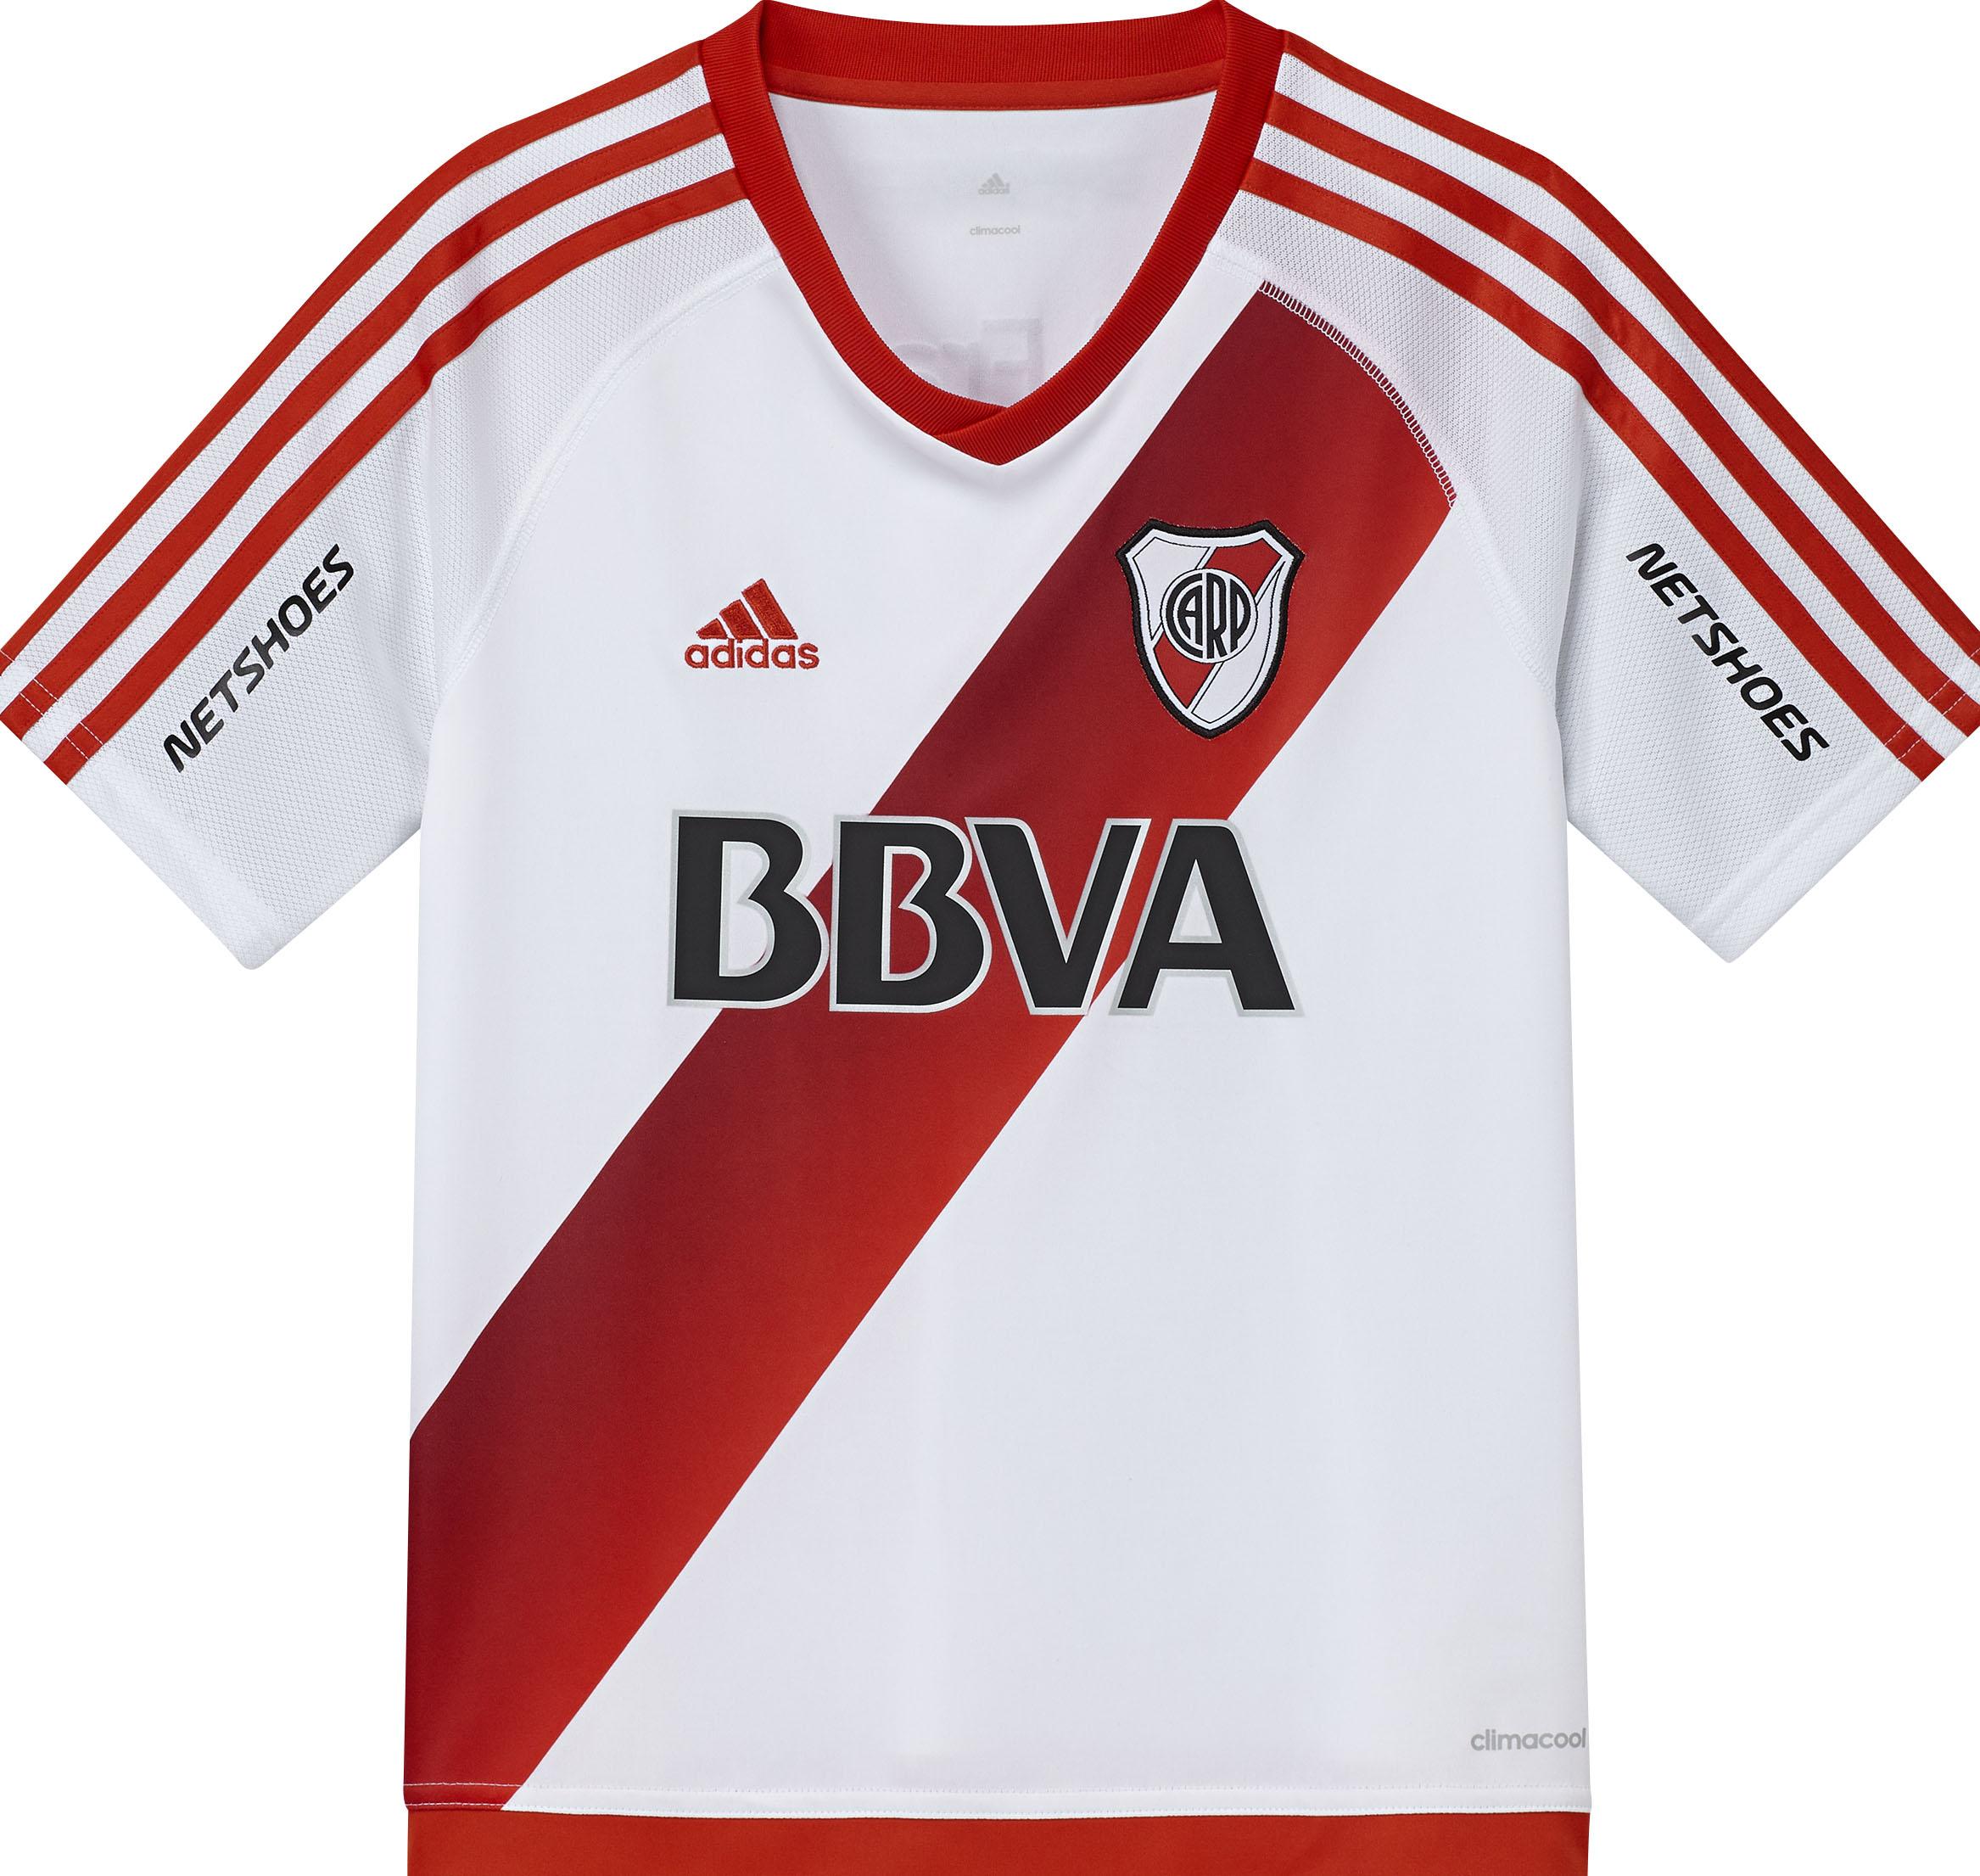 adidas presentó la nueva camiseta titular de River e8d49a8bb6fc5